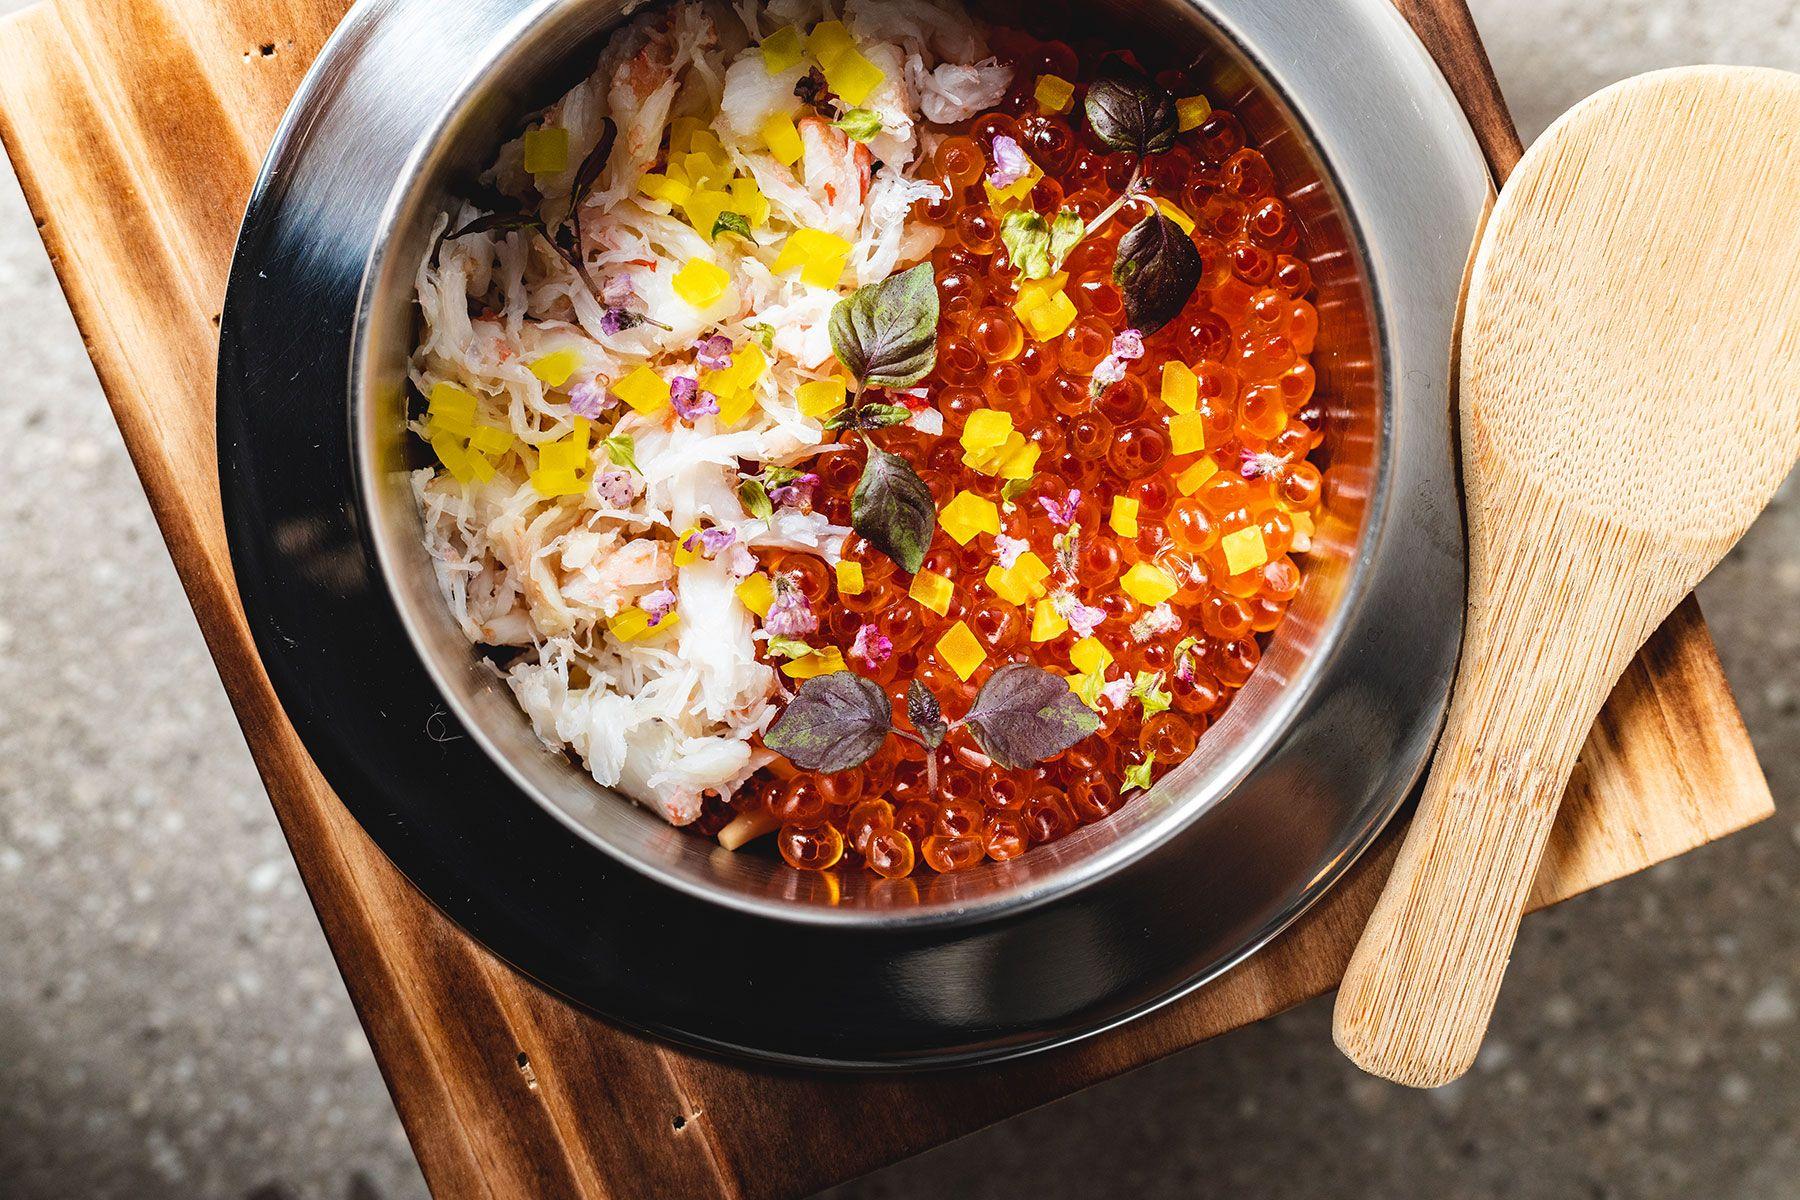 Hong Kong Restaurant News: Roji Opens in Lan Kwai Fong, A Shochu Pairing Menu At Zoku, And More